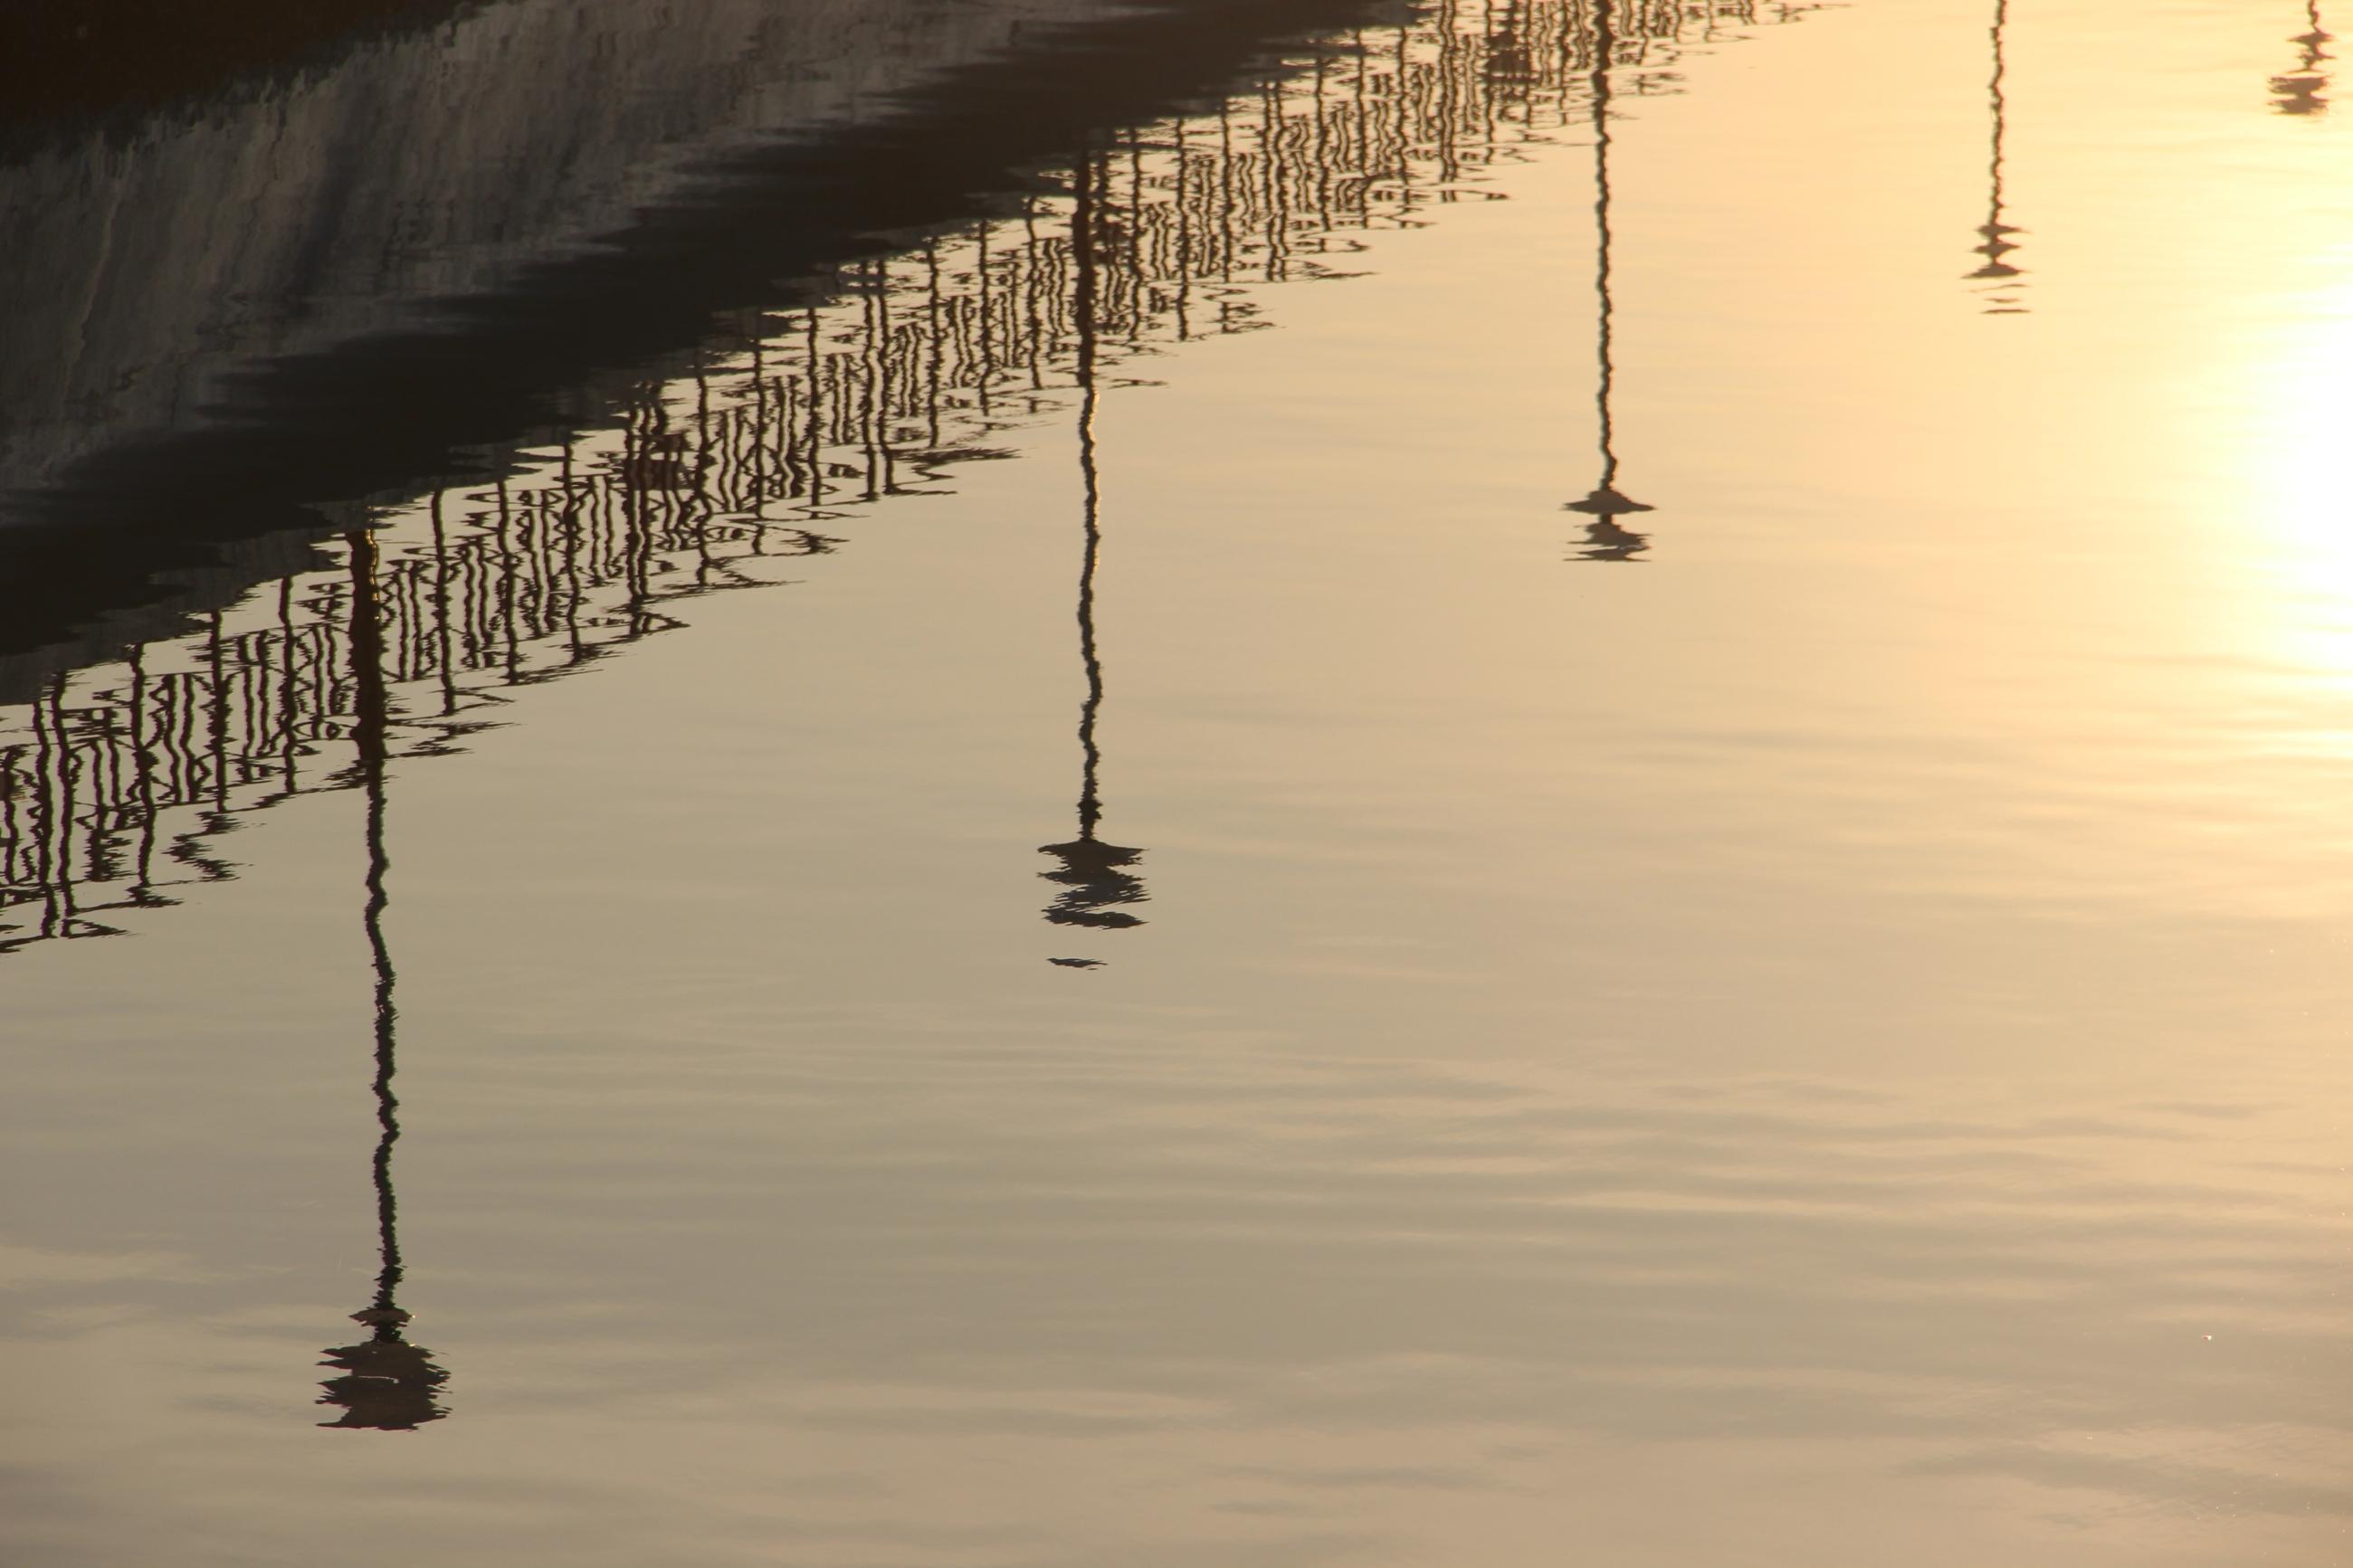 Foto: Eine Promenade spiegelt sich auf ruhigem Meer.